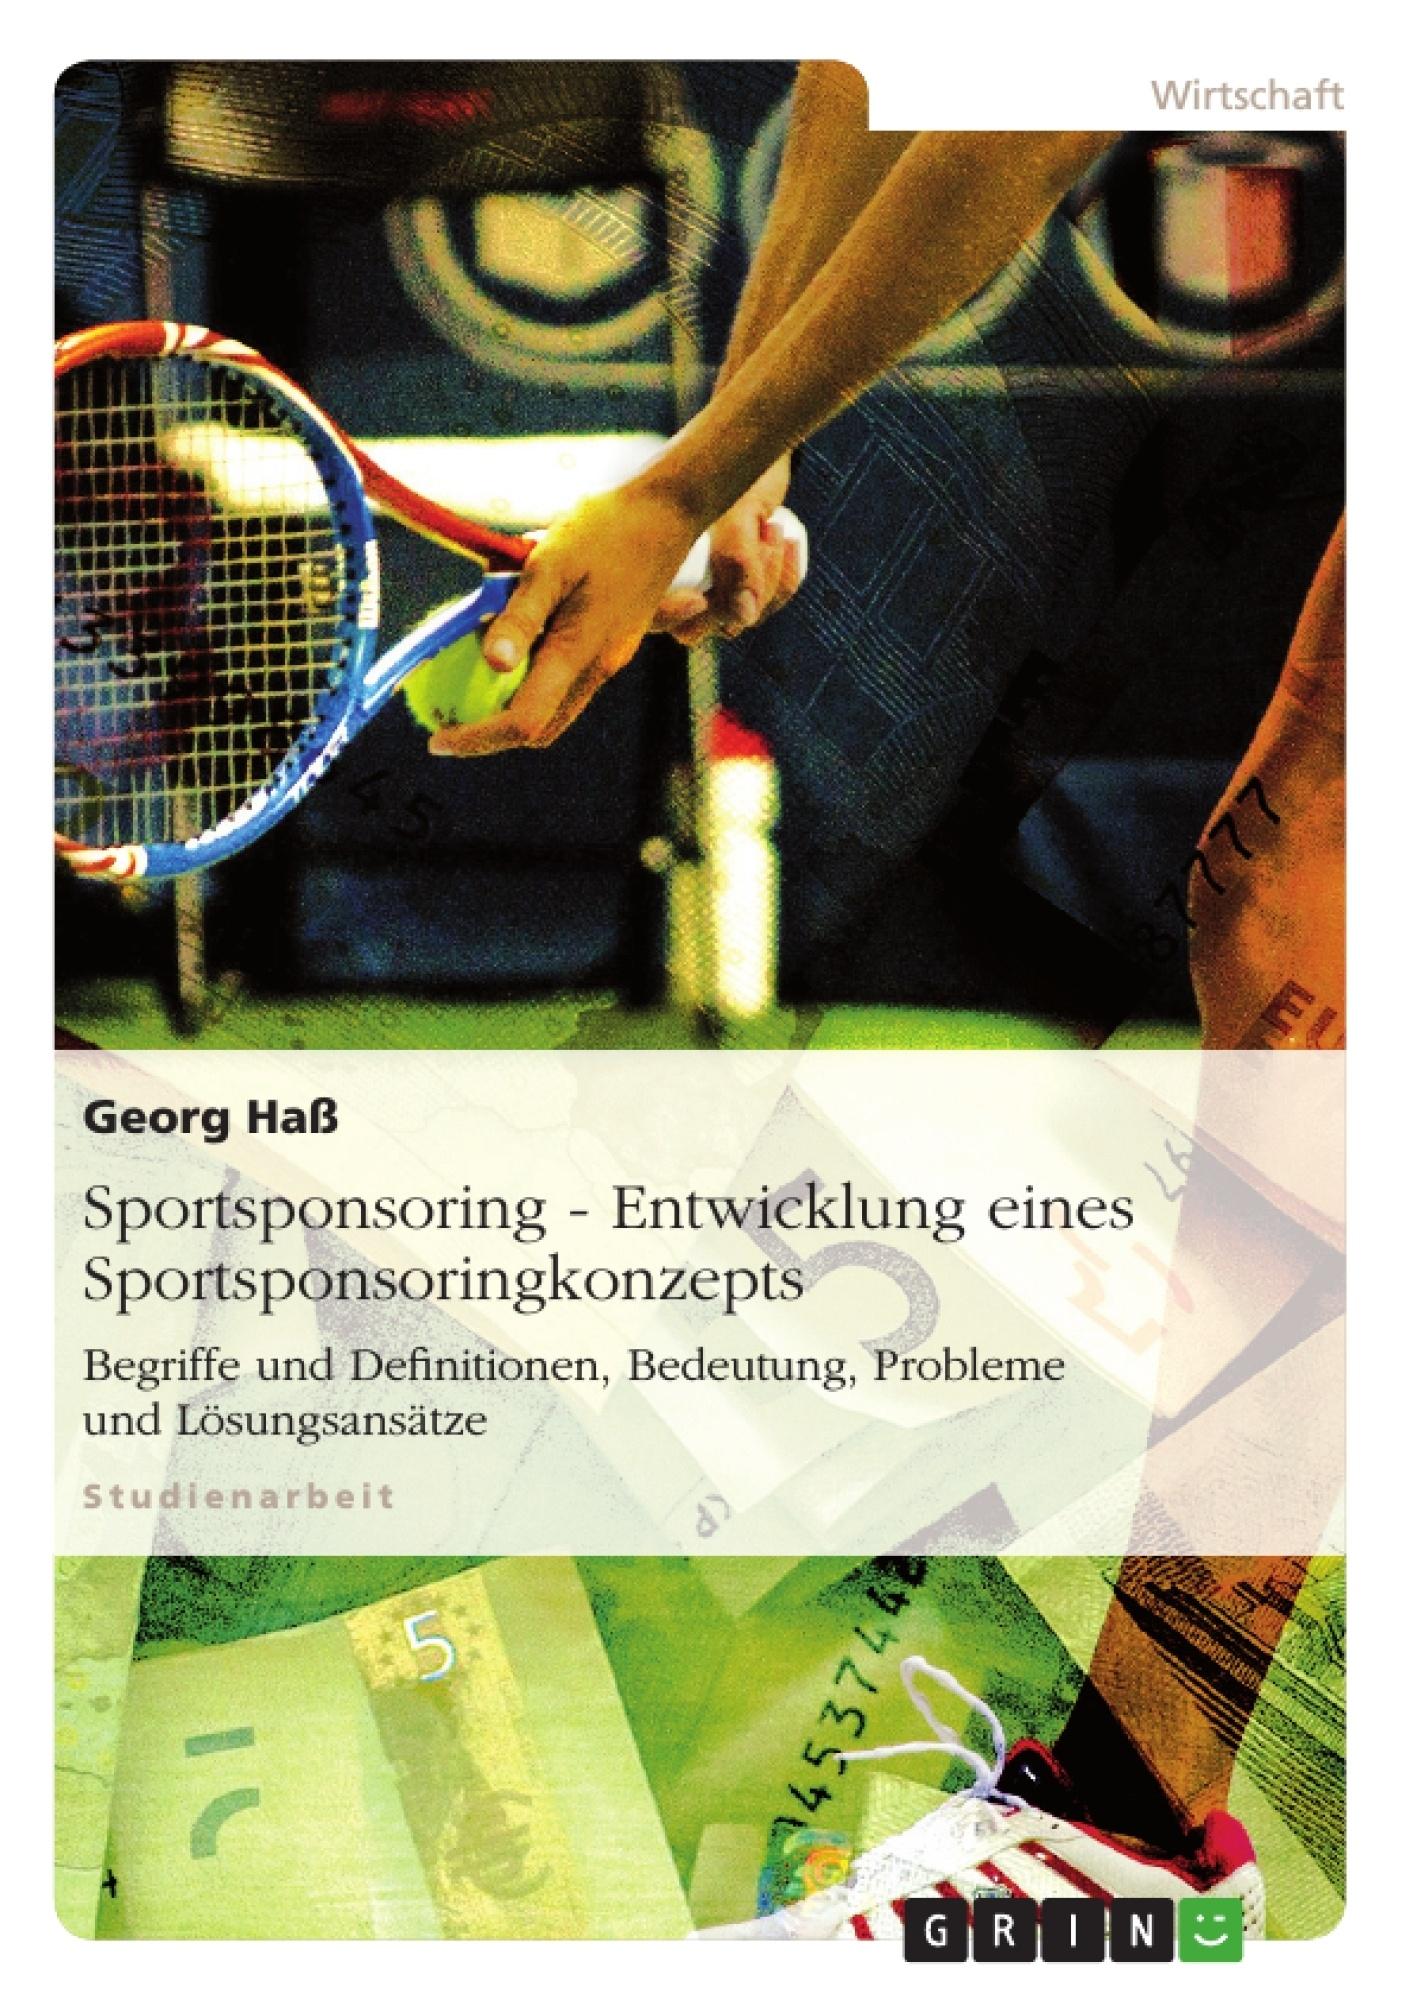 Titel: Sportsponsoring: Entwicklung eines Sportsponsoringkonzepts